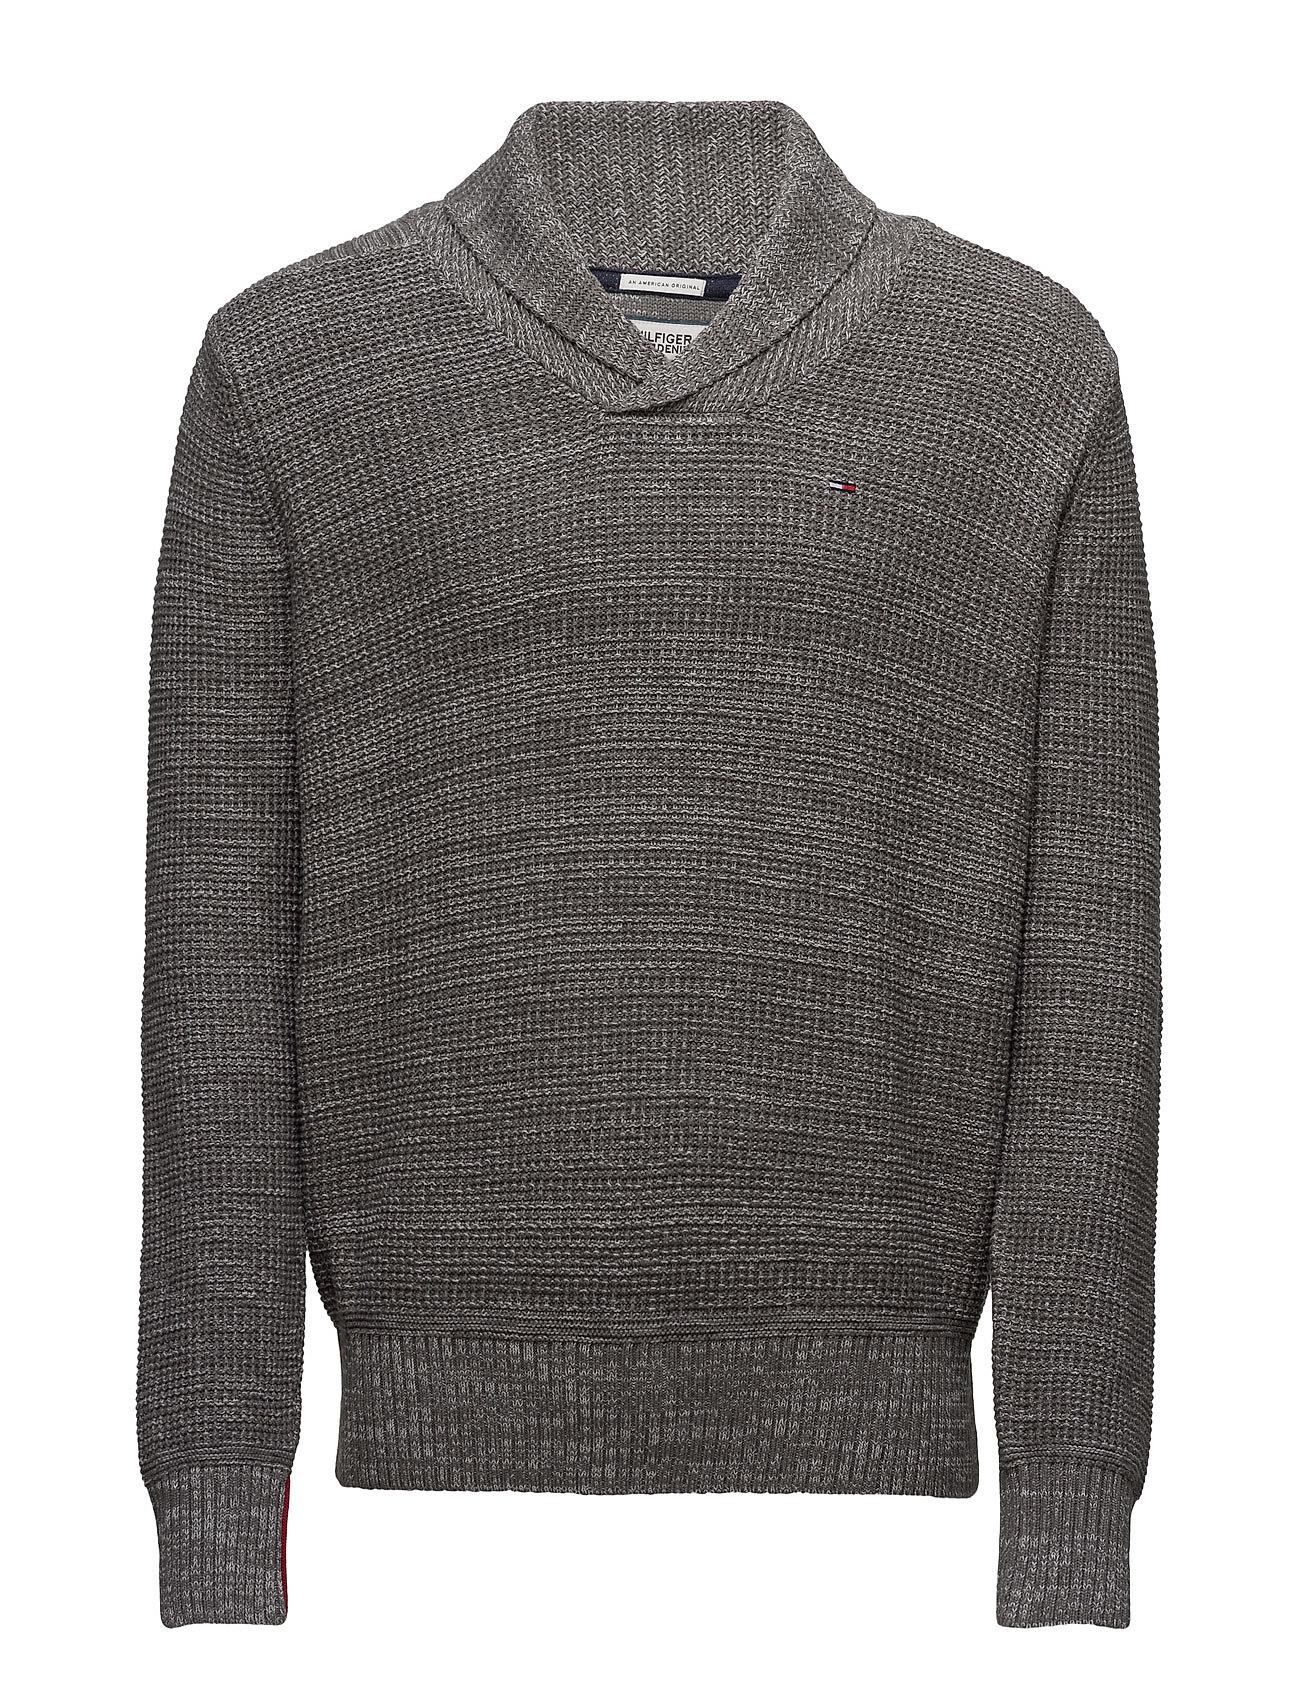 Thdm Sn Sweater L/S 14 Hilfiger Denim V-halsede til Herrer i Blå